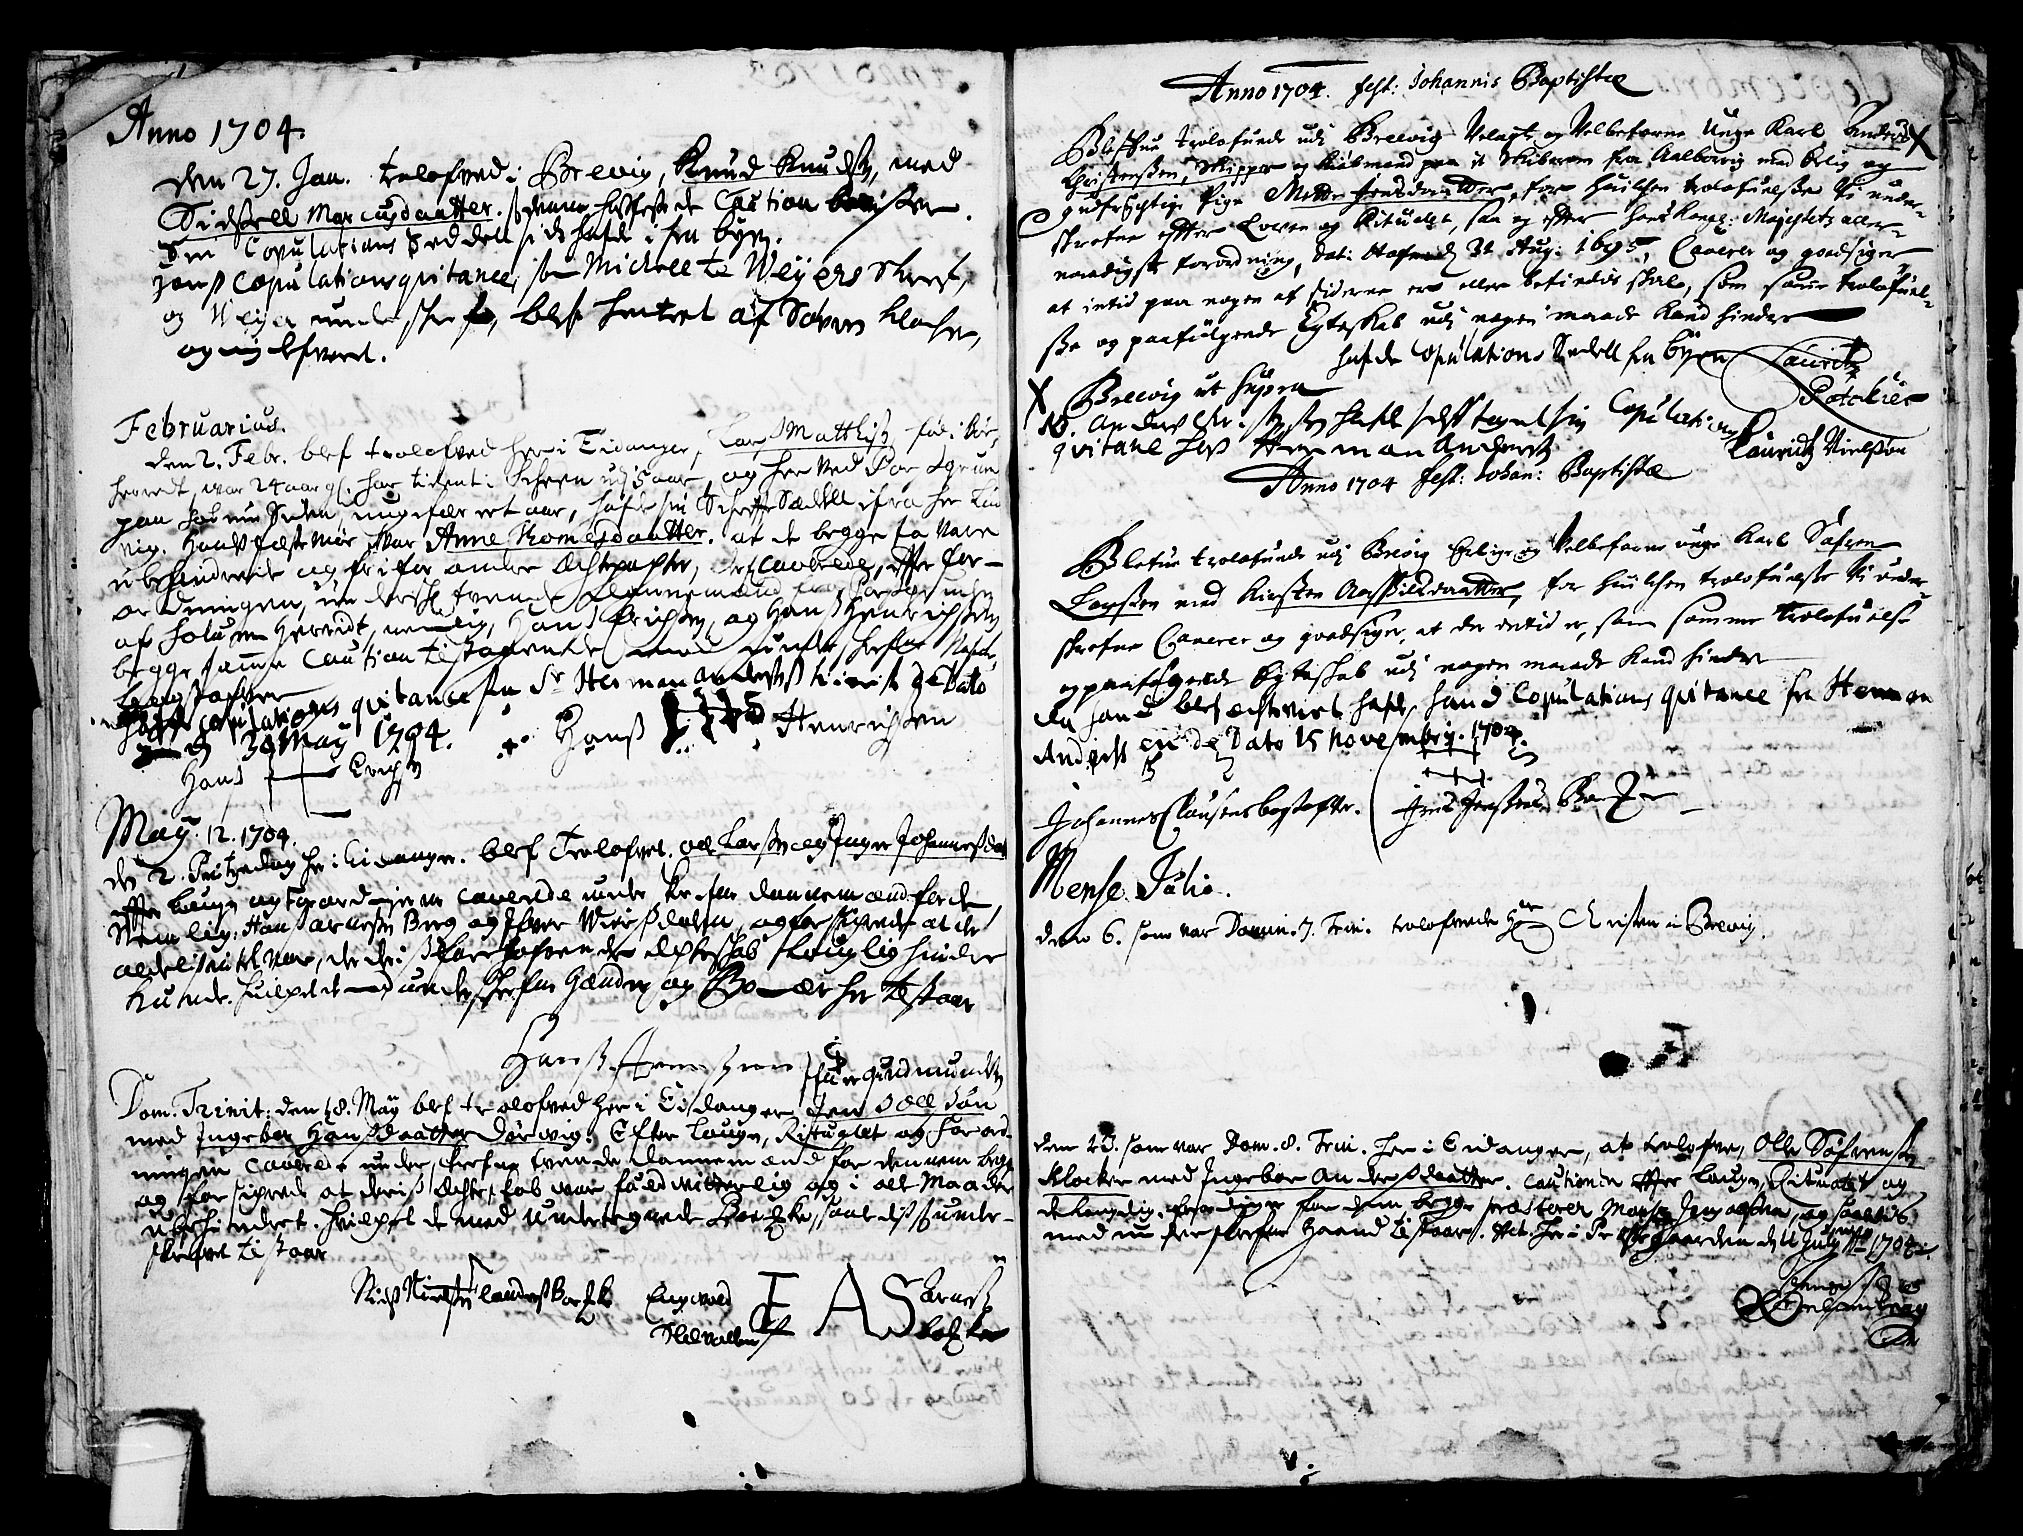 SAKO, Eidanger kirkebøker, F/Fa/L0001: Ministerialbok nr. 1, 1695-1717, s. 22